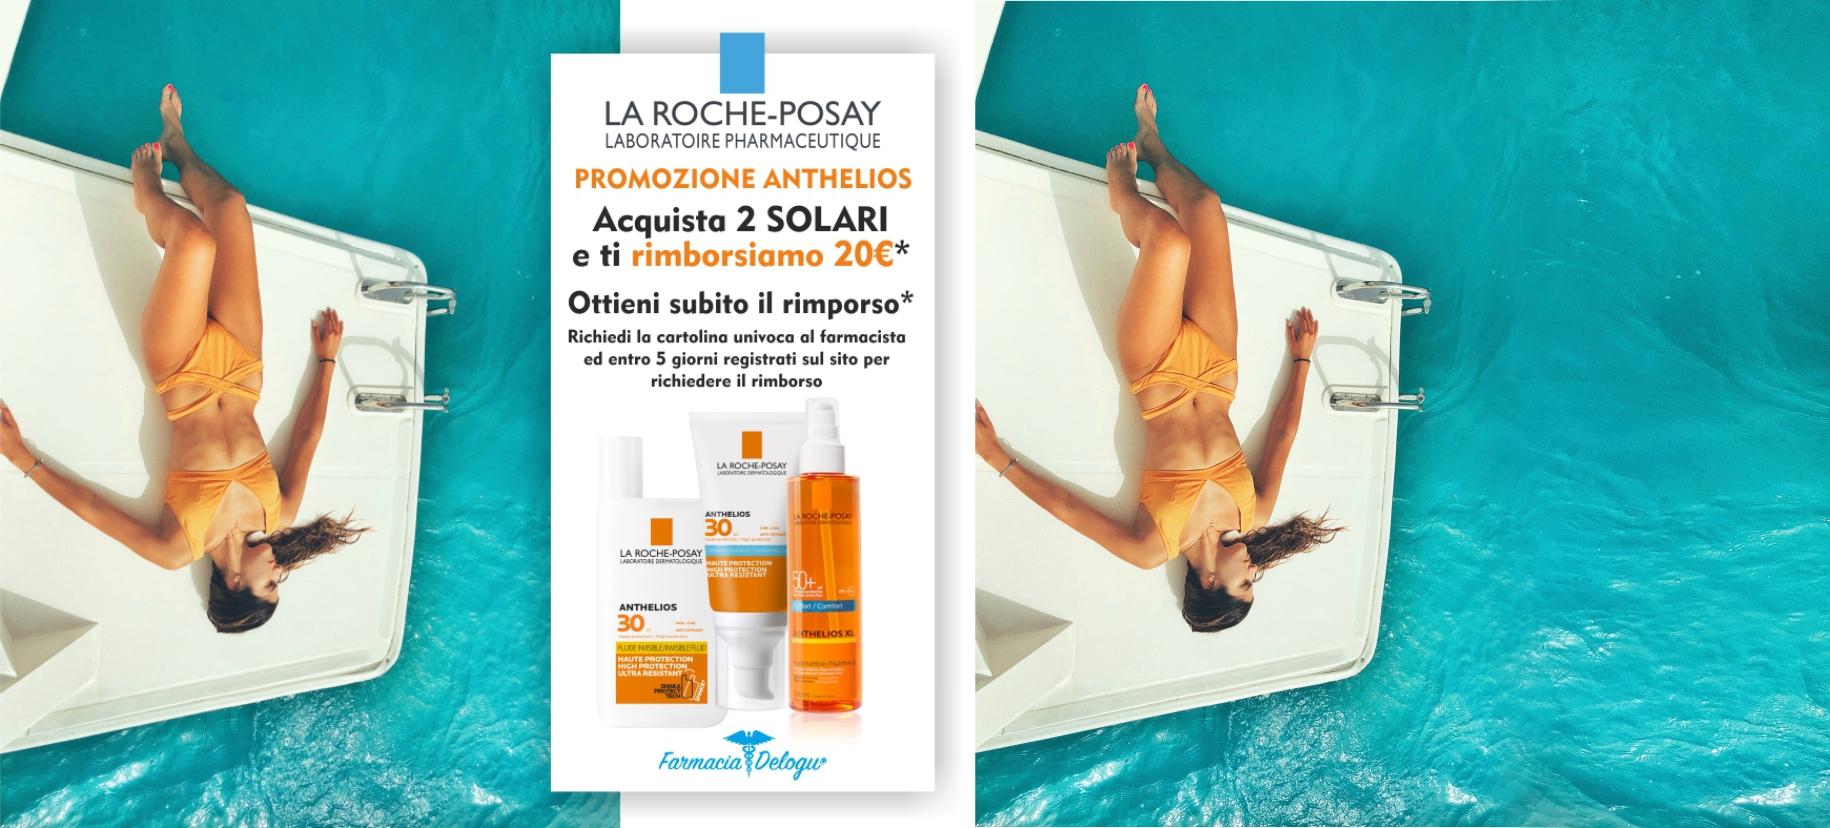 larocheposay_solari_sassari